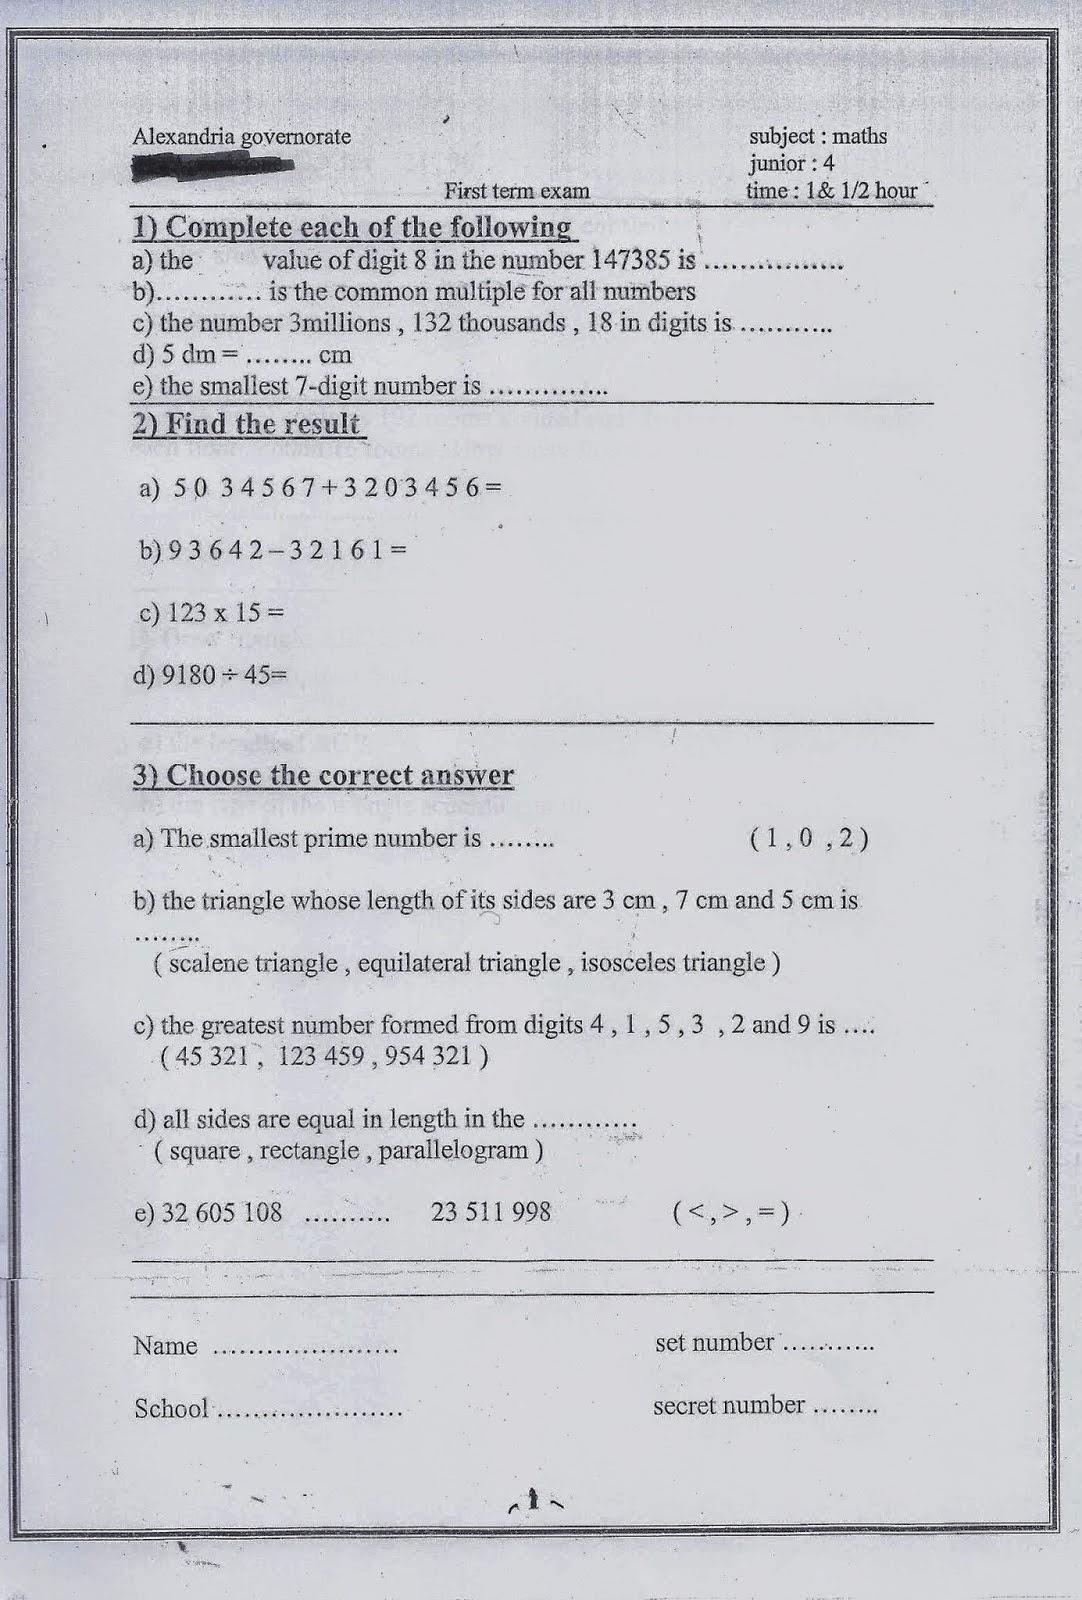 امتحانات كل مواد الصف الرابع الابتدائي الترم الأول 2015 مدارس مصر حكومى و لغات scan0090.jpg